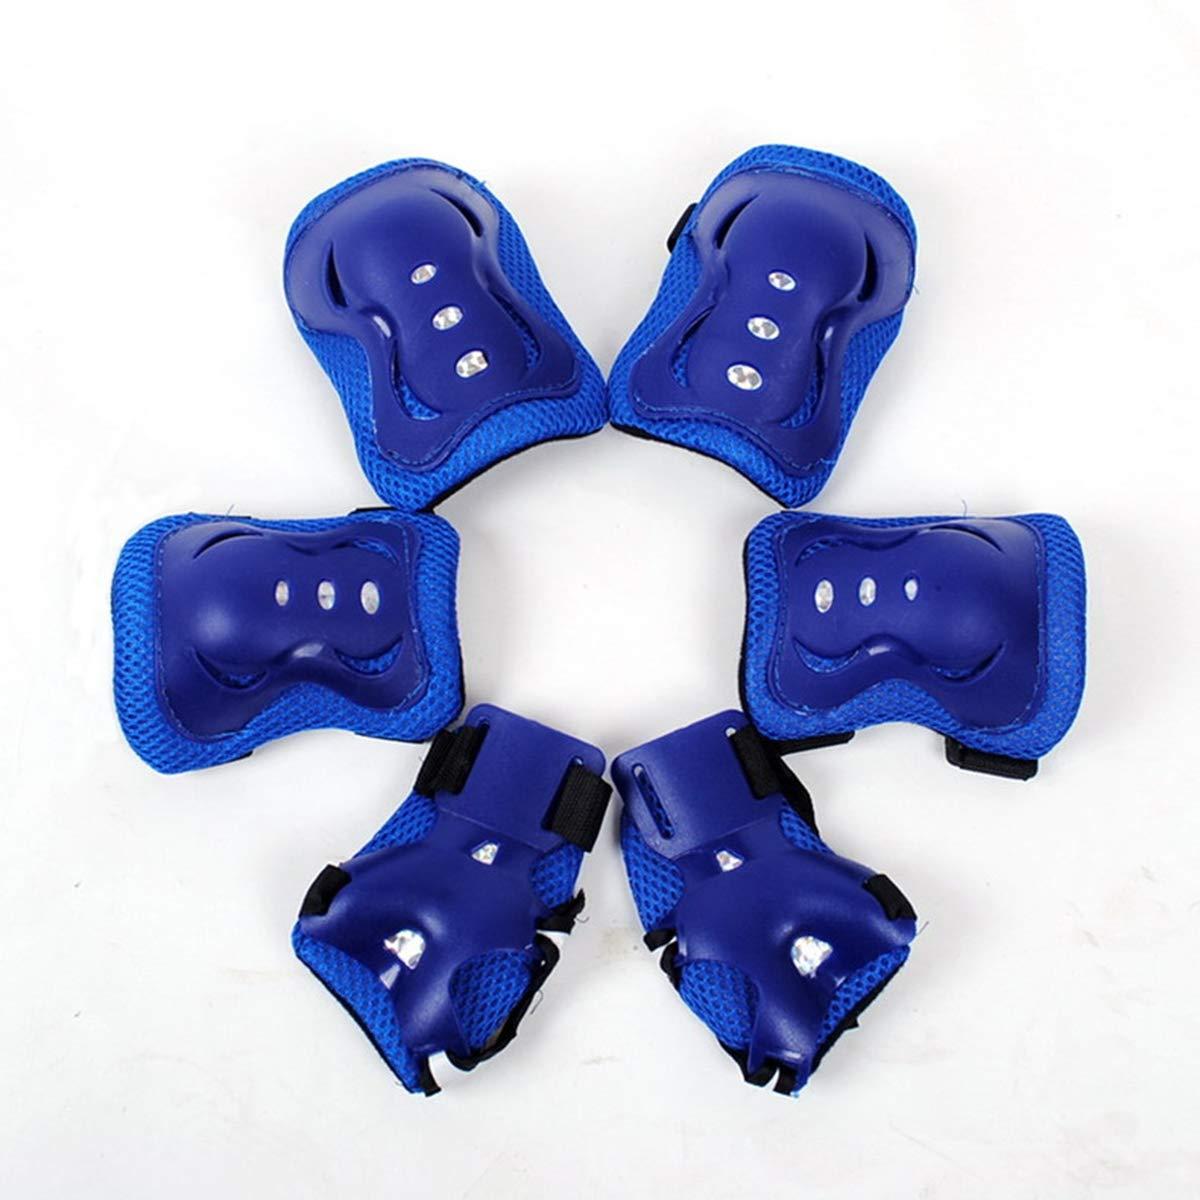 Equipo de Protección para Deportes para niños Rodilleras ...